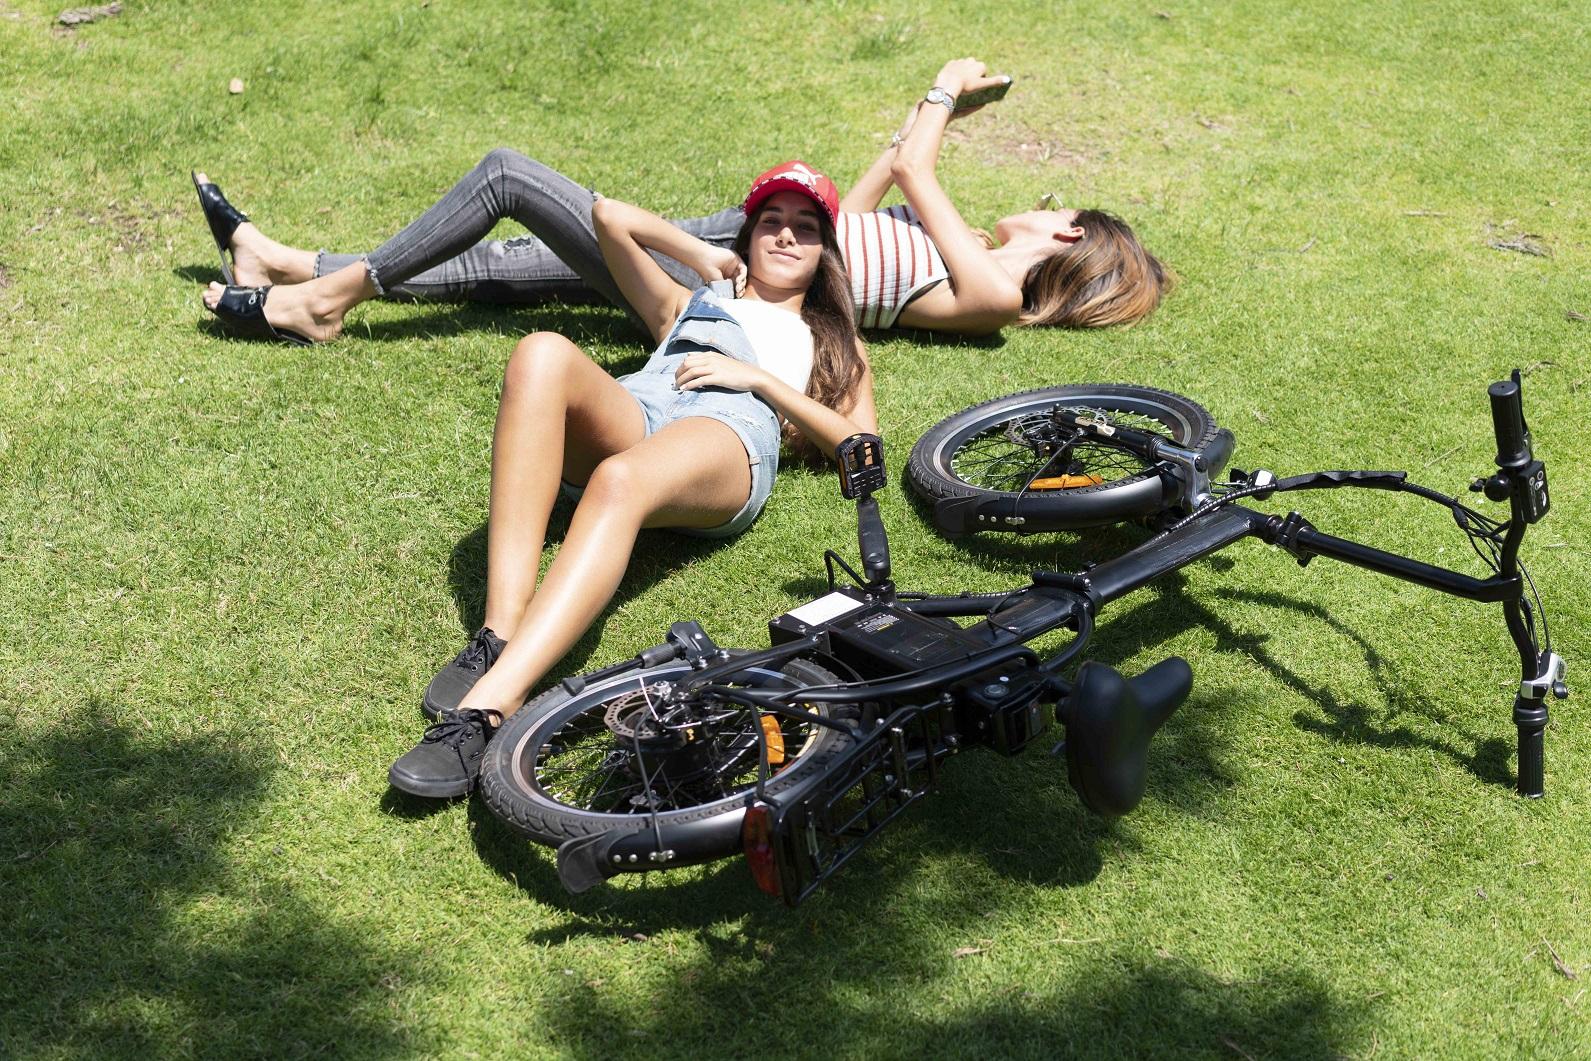 מה זה אמפר באופניים חשמליות?